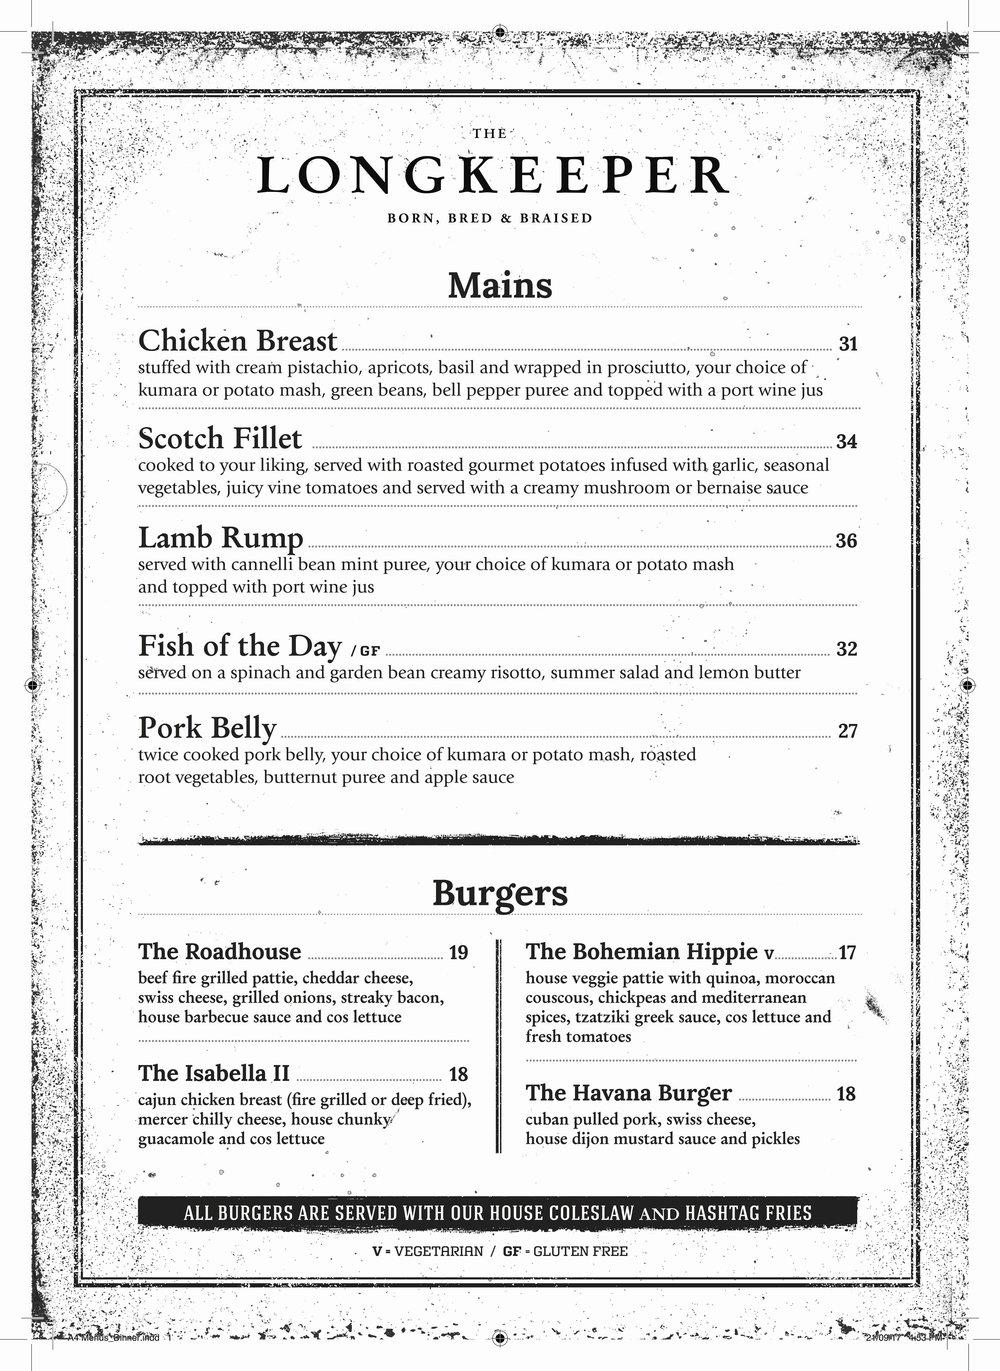 A4 Menus_Dinner_update_4print mains.jpg